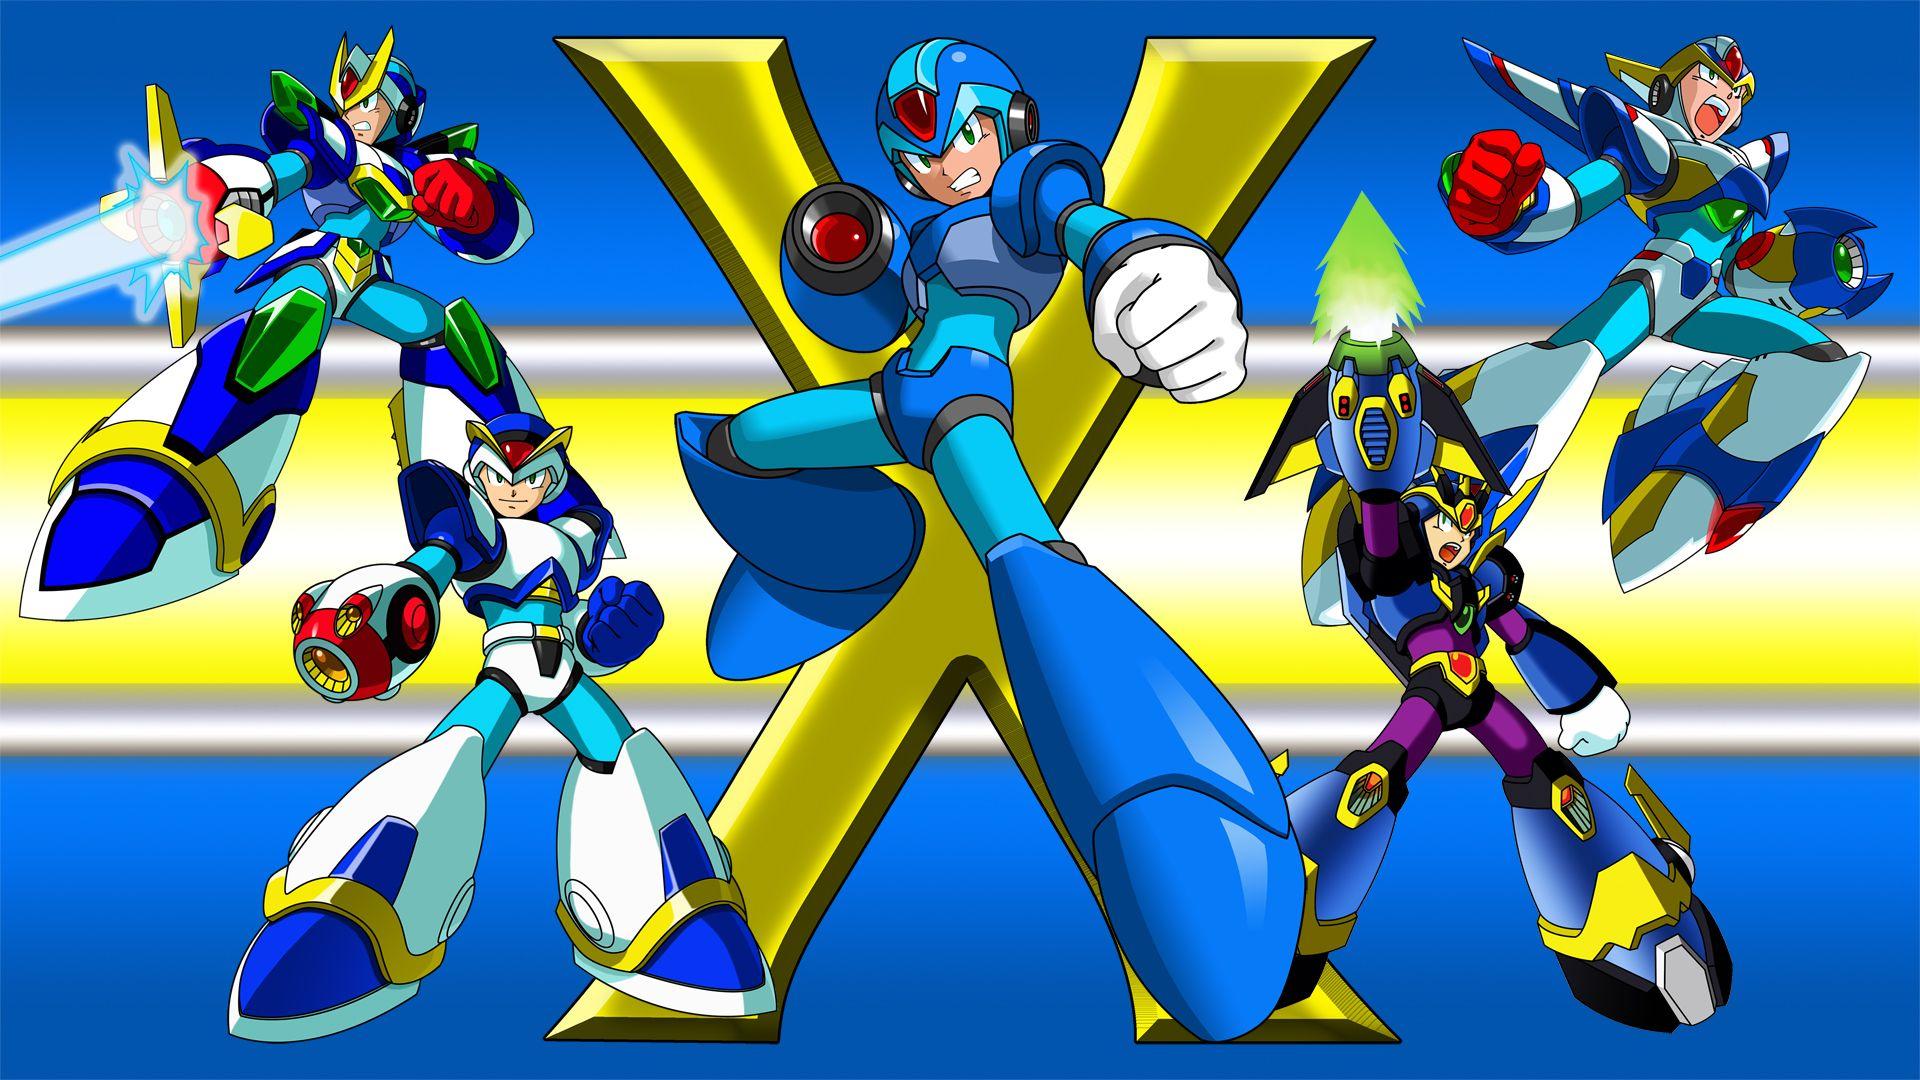 Megaman X Wallpaper By Fruitynite D Zsx Mega Man Cartoon Wallpaper Wallpaper